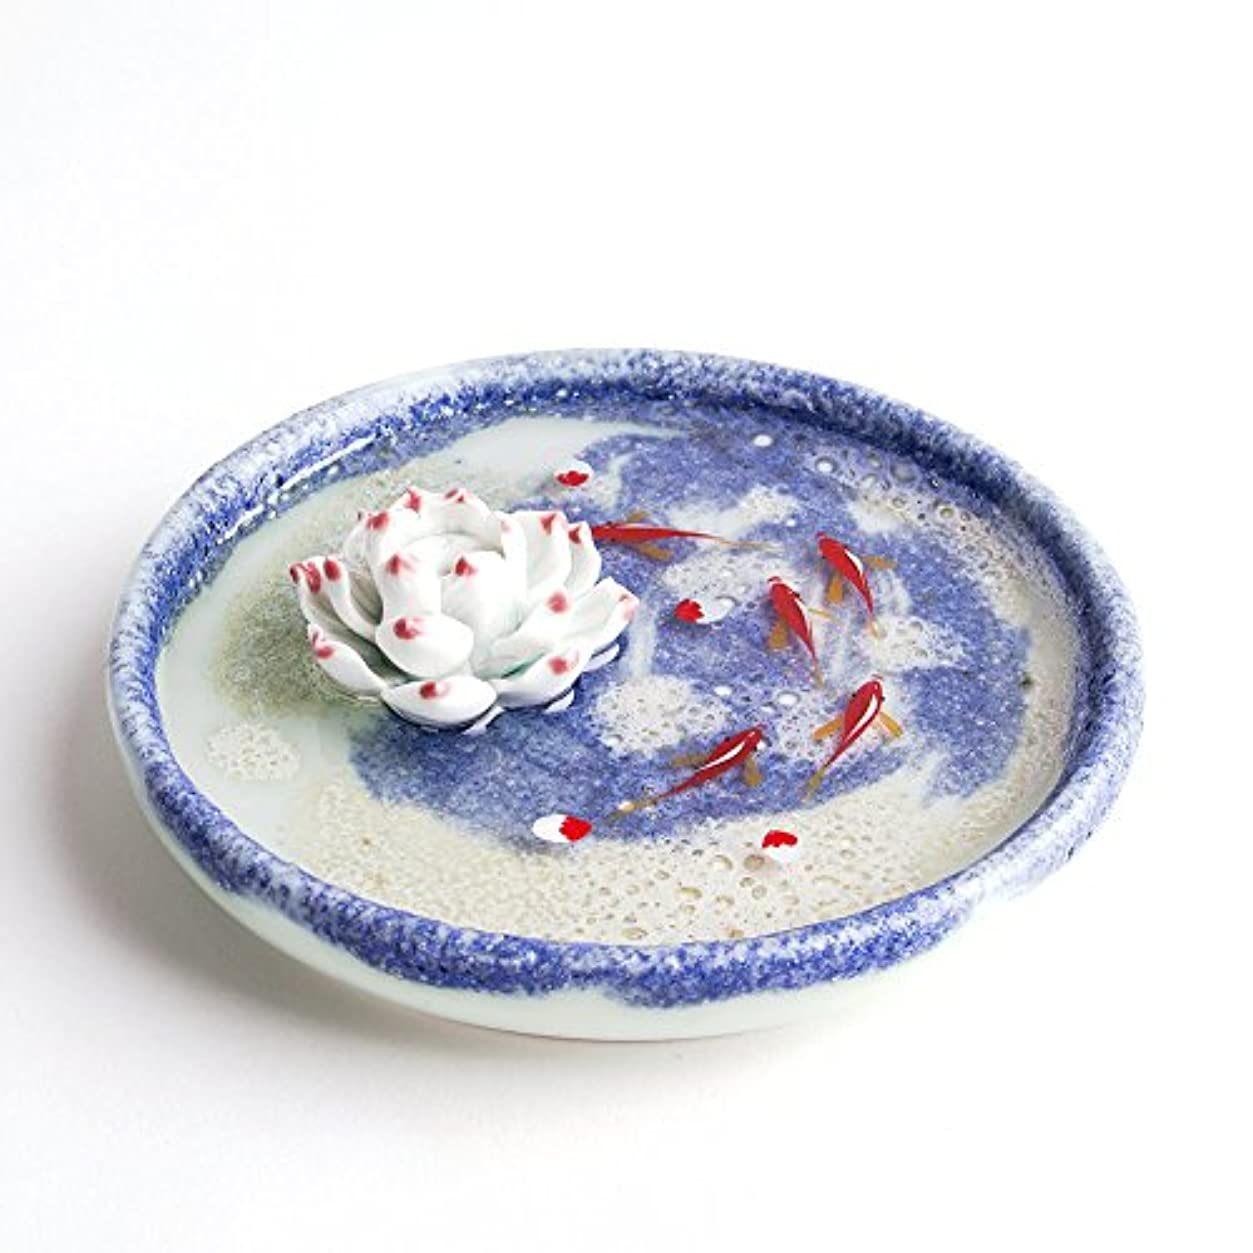 精算ヨーロッパ前者お香立て お香たて 香の器 お香を焚いて 香皿,陶磁器、ブルー